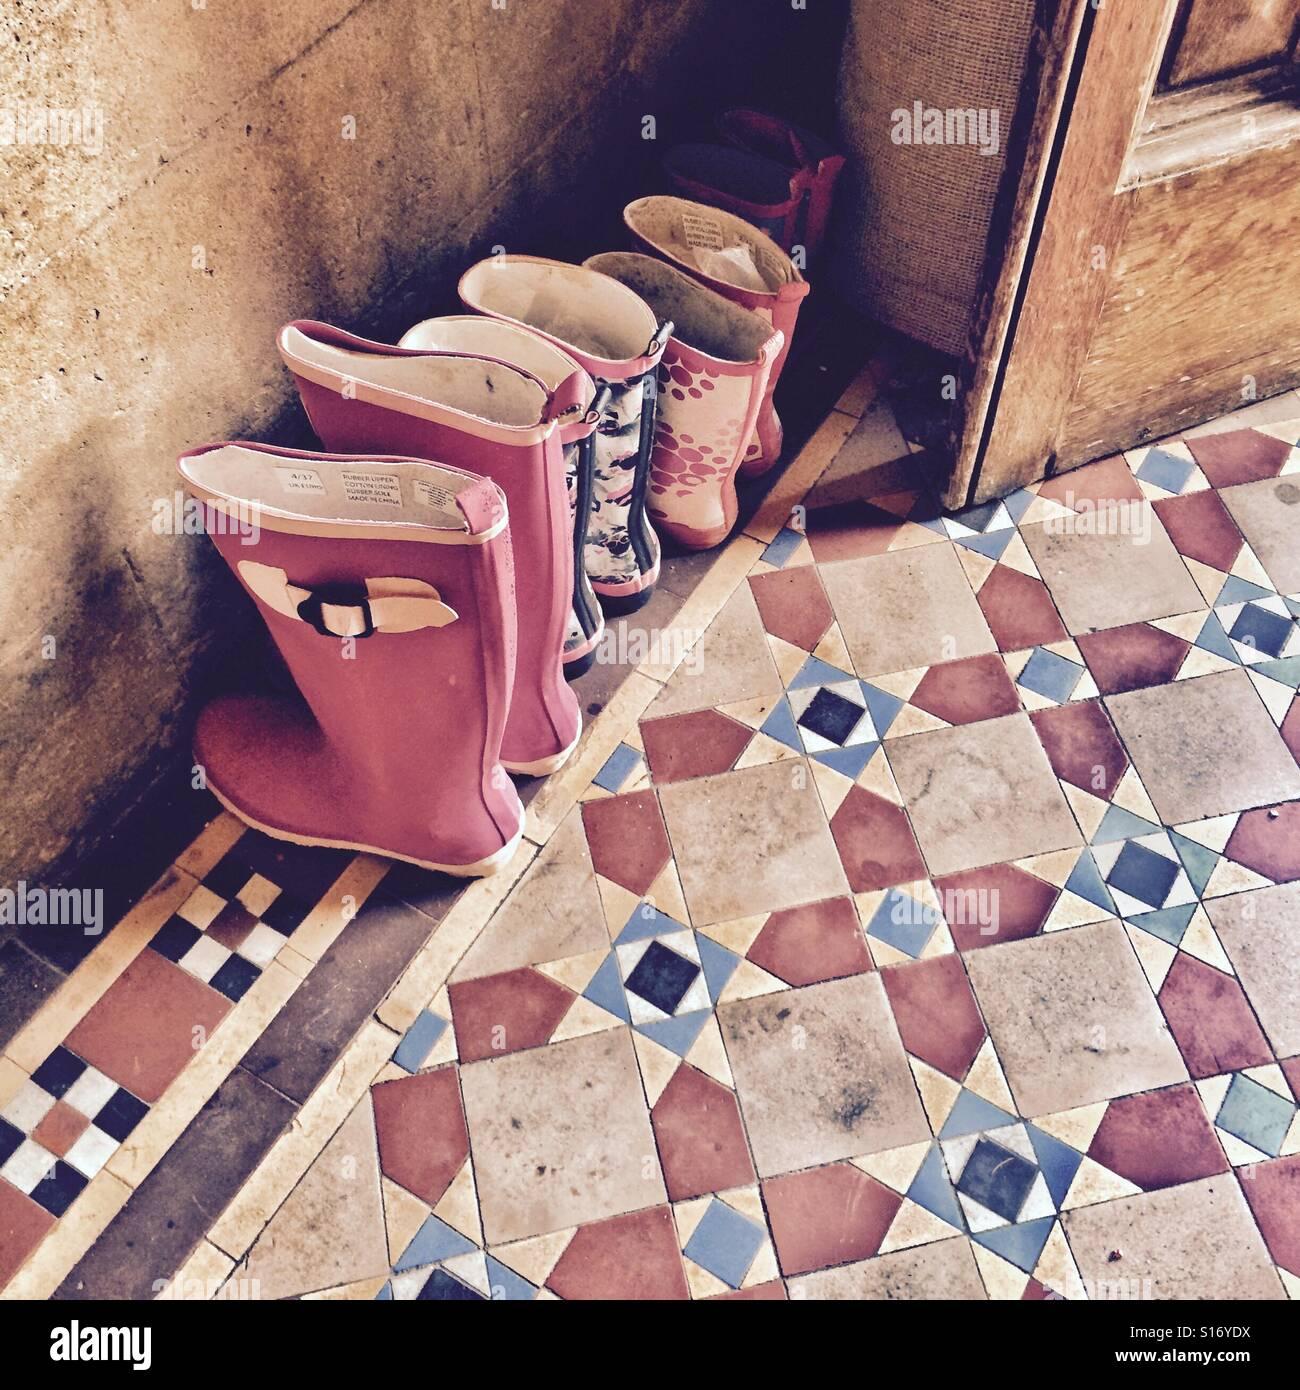 Eine Familie von Wellington-Stiefeln reihte sich an der Tür in ein Landhaus - Familienhaus - Landleben - gesunde Stockfoto